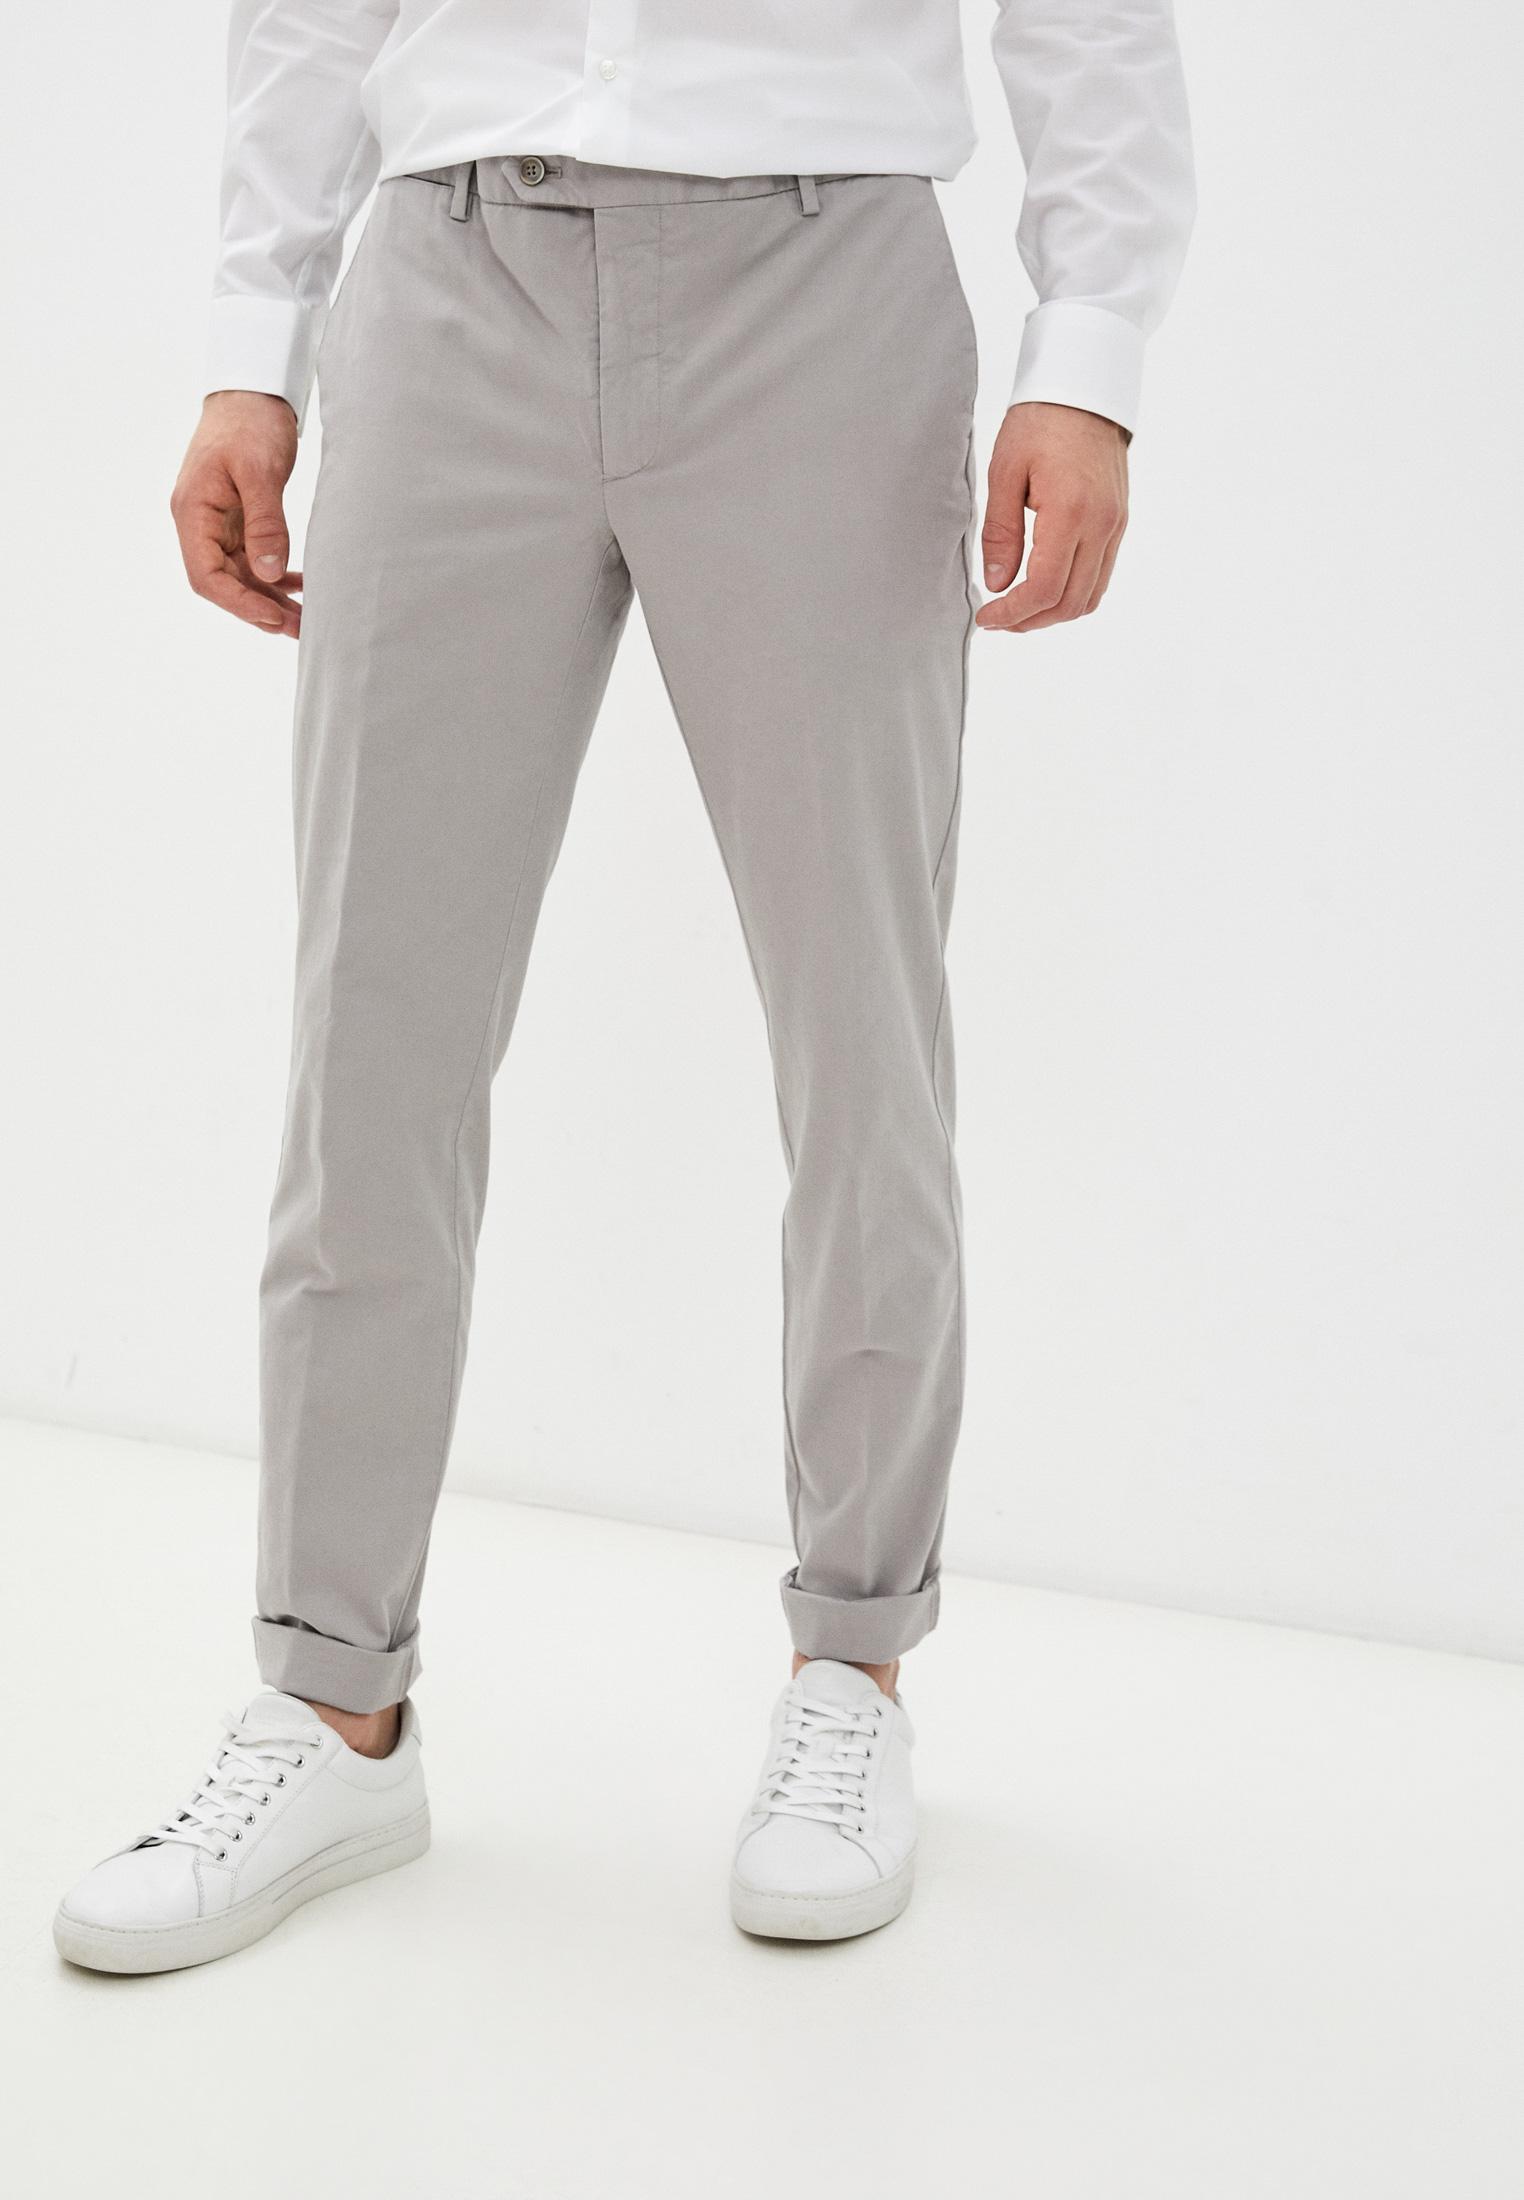 Мужские повседневные брюки Hackett London Брюки Hackett London